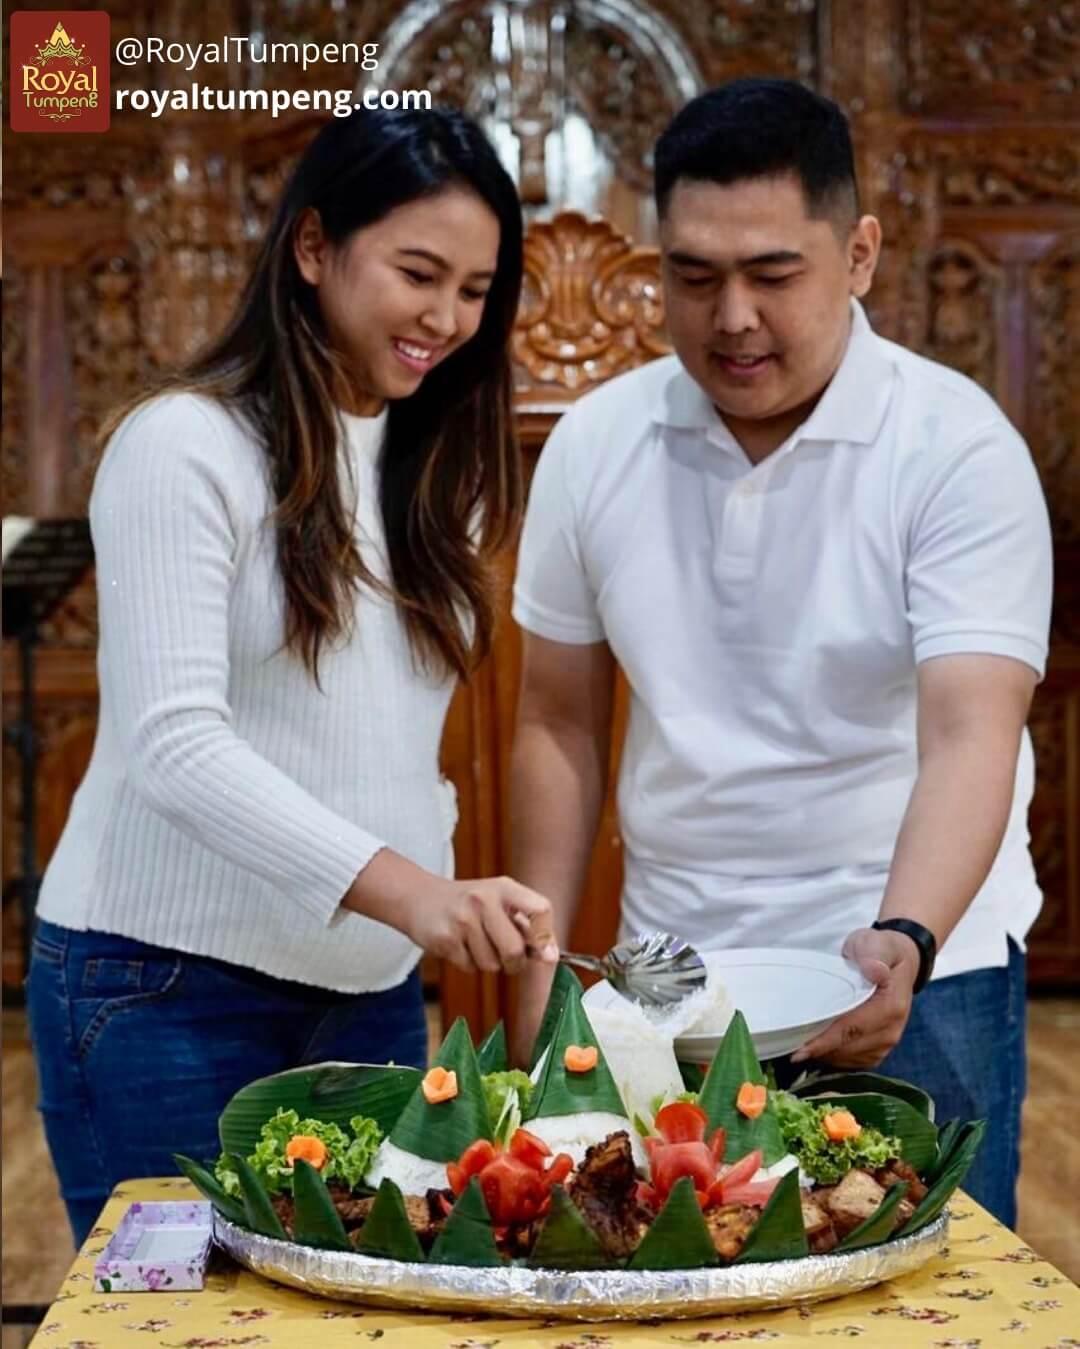 Pesan Nasi Tumpeng untuk Acara di Rumah